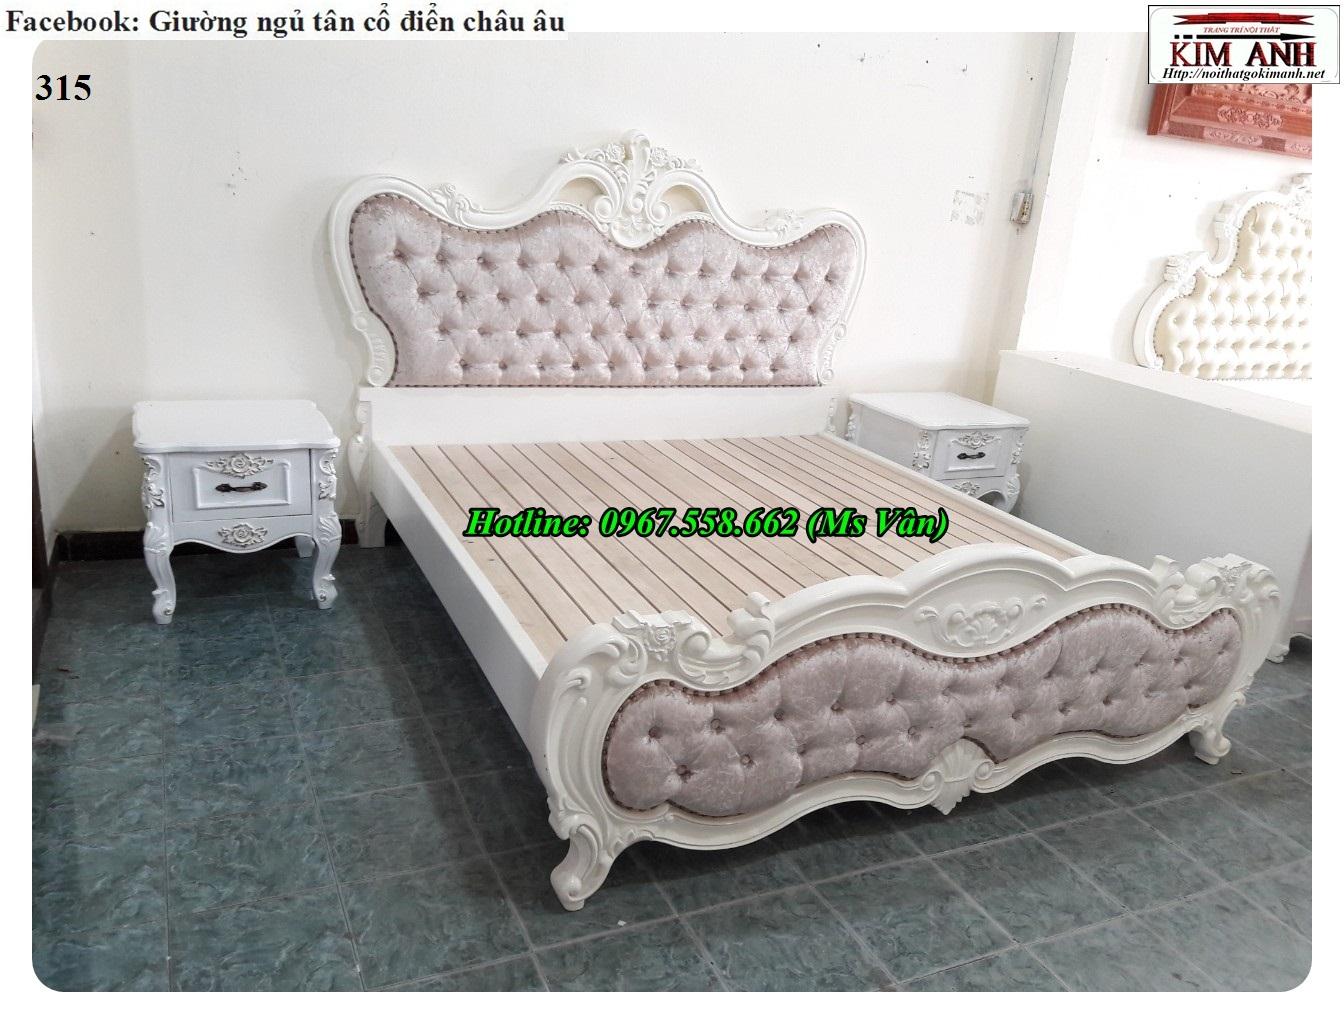 9 Bộ giường tủ màu trắng cổ điển cực đẳng cấp đặt đóng tại xưởng